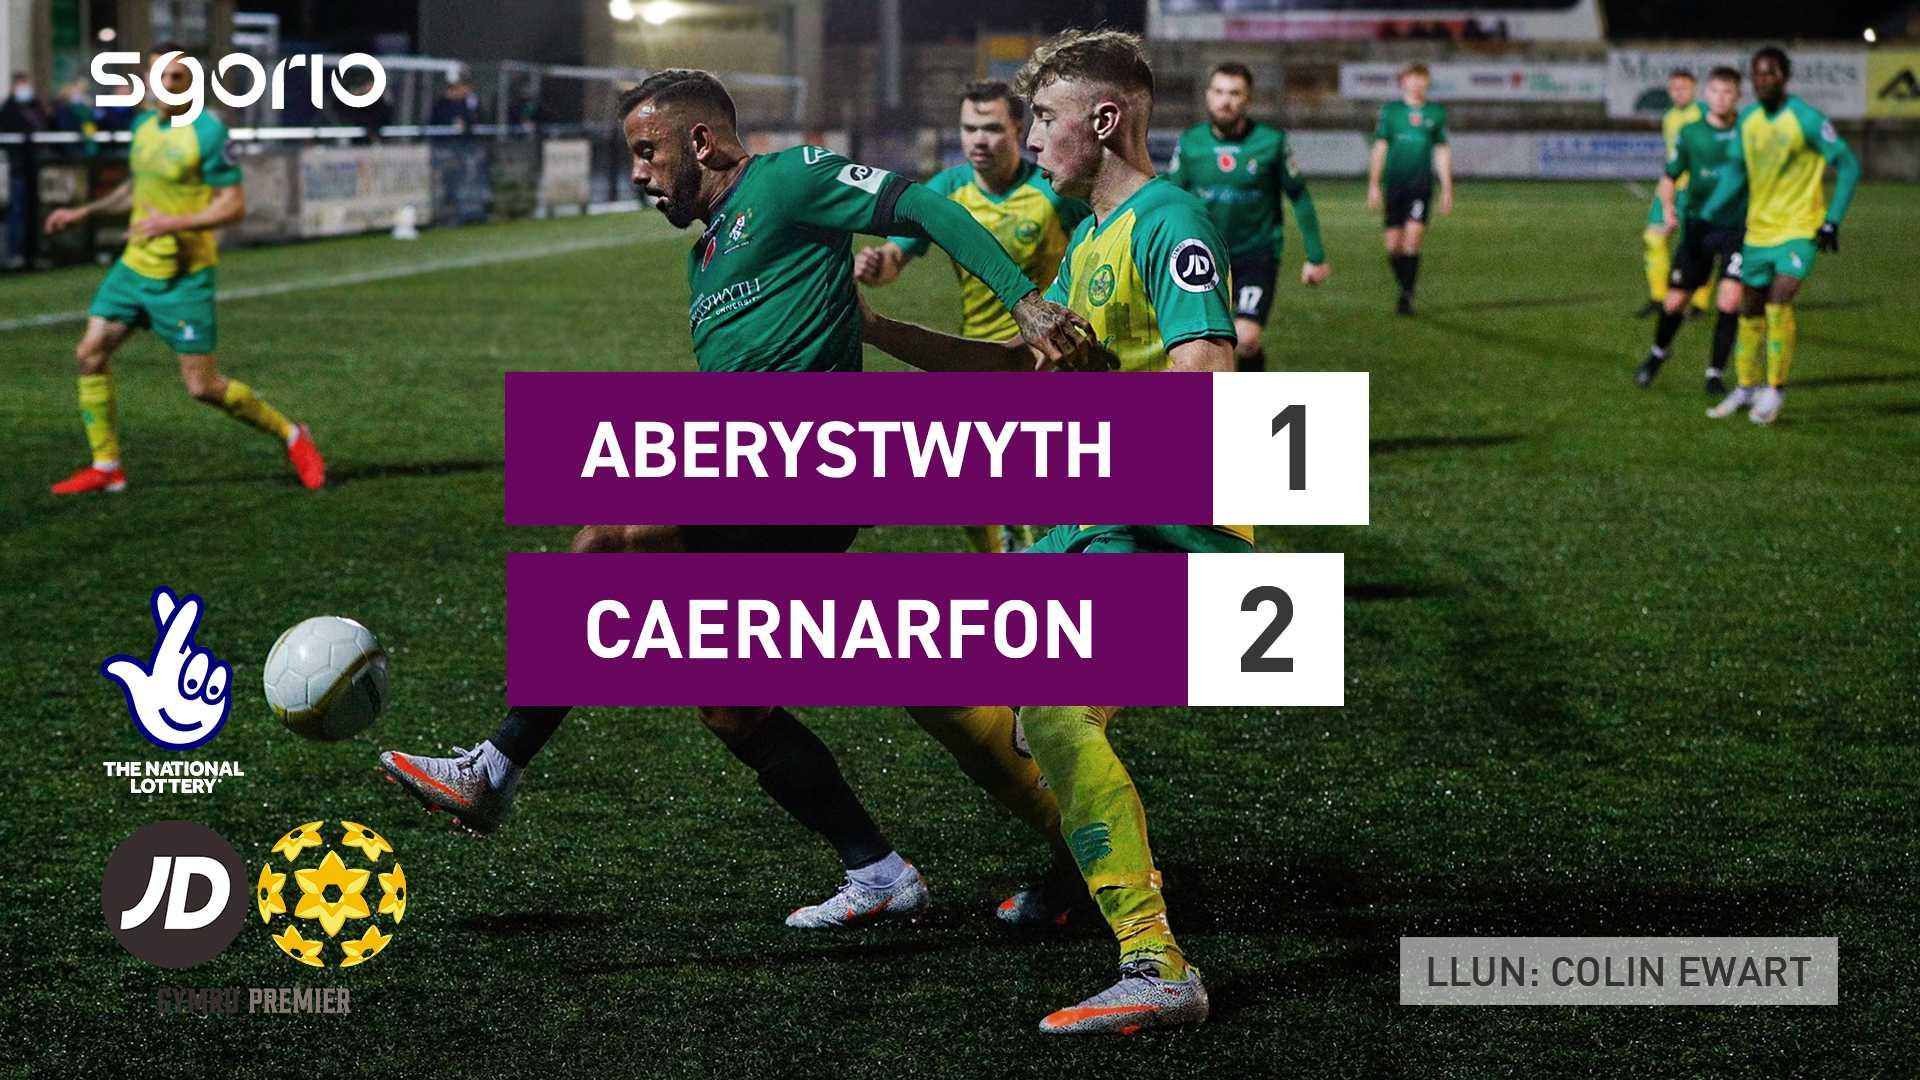 Aberystwyth 1-2 Caernarfon